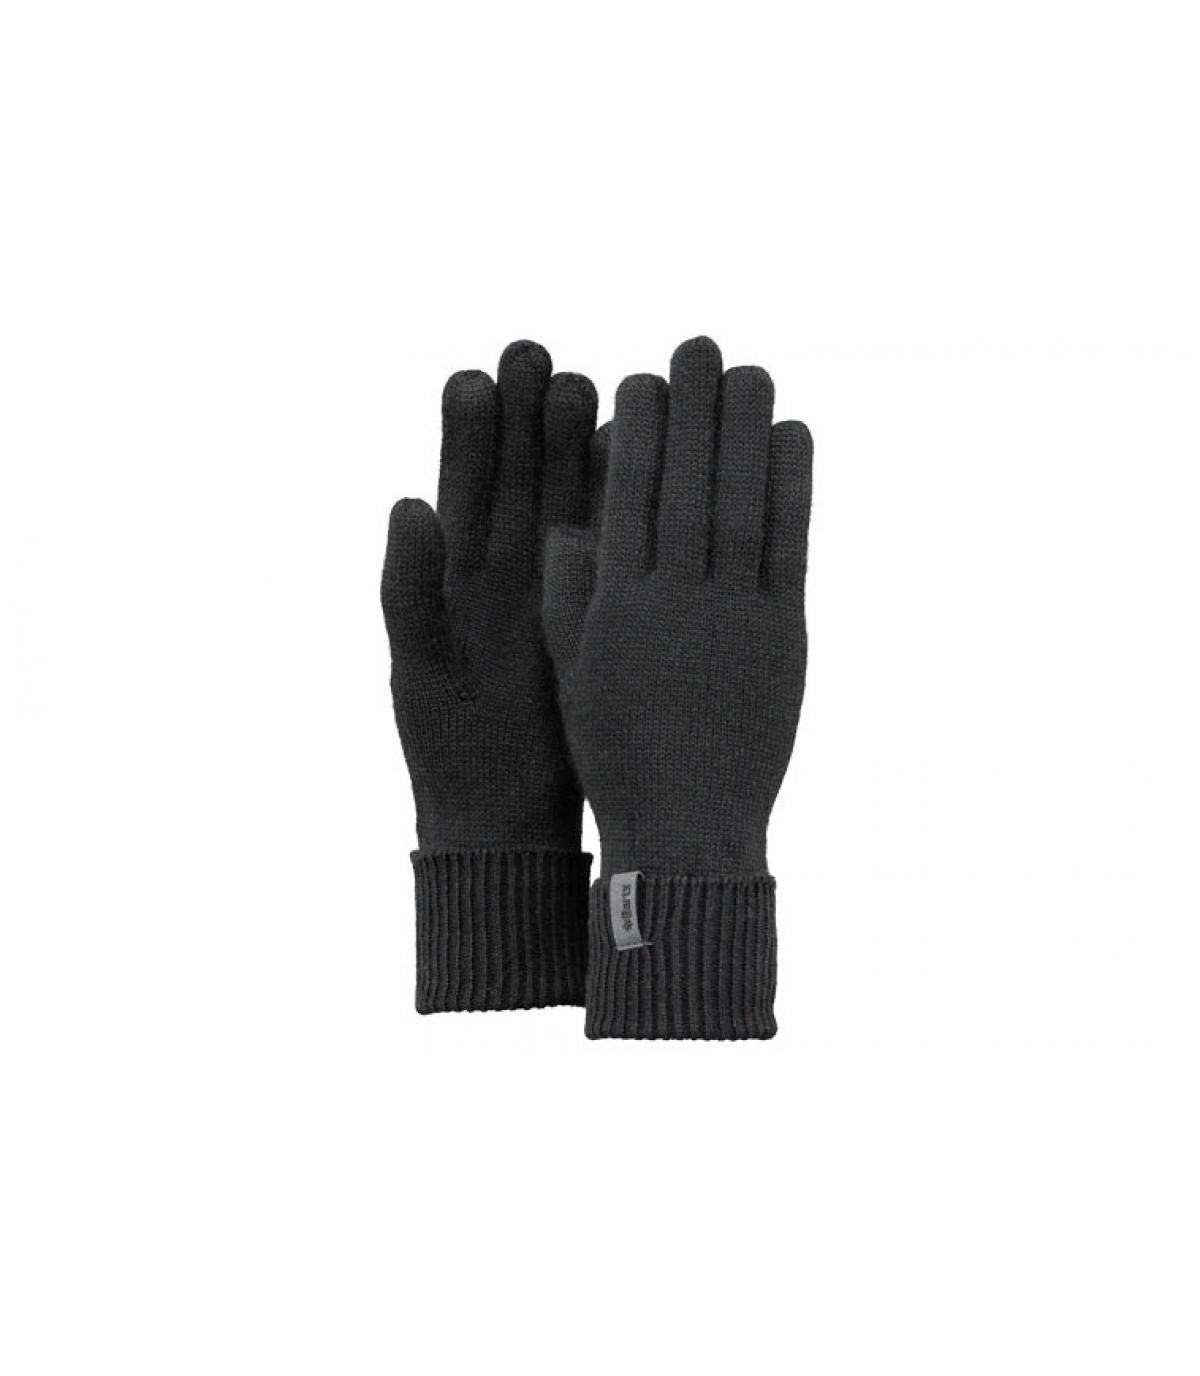 Details Fine Gestrickte Handschuhes schwarz - Abbildung 3